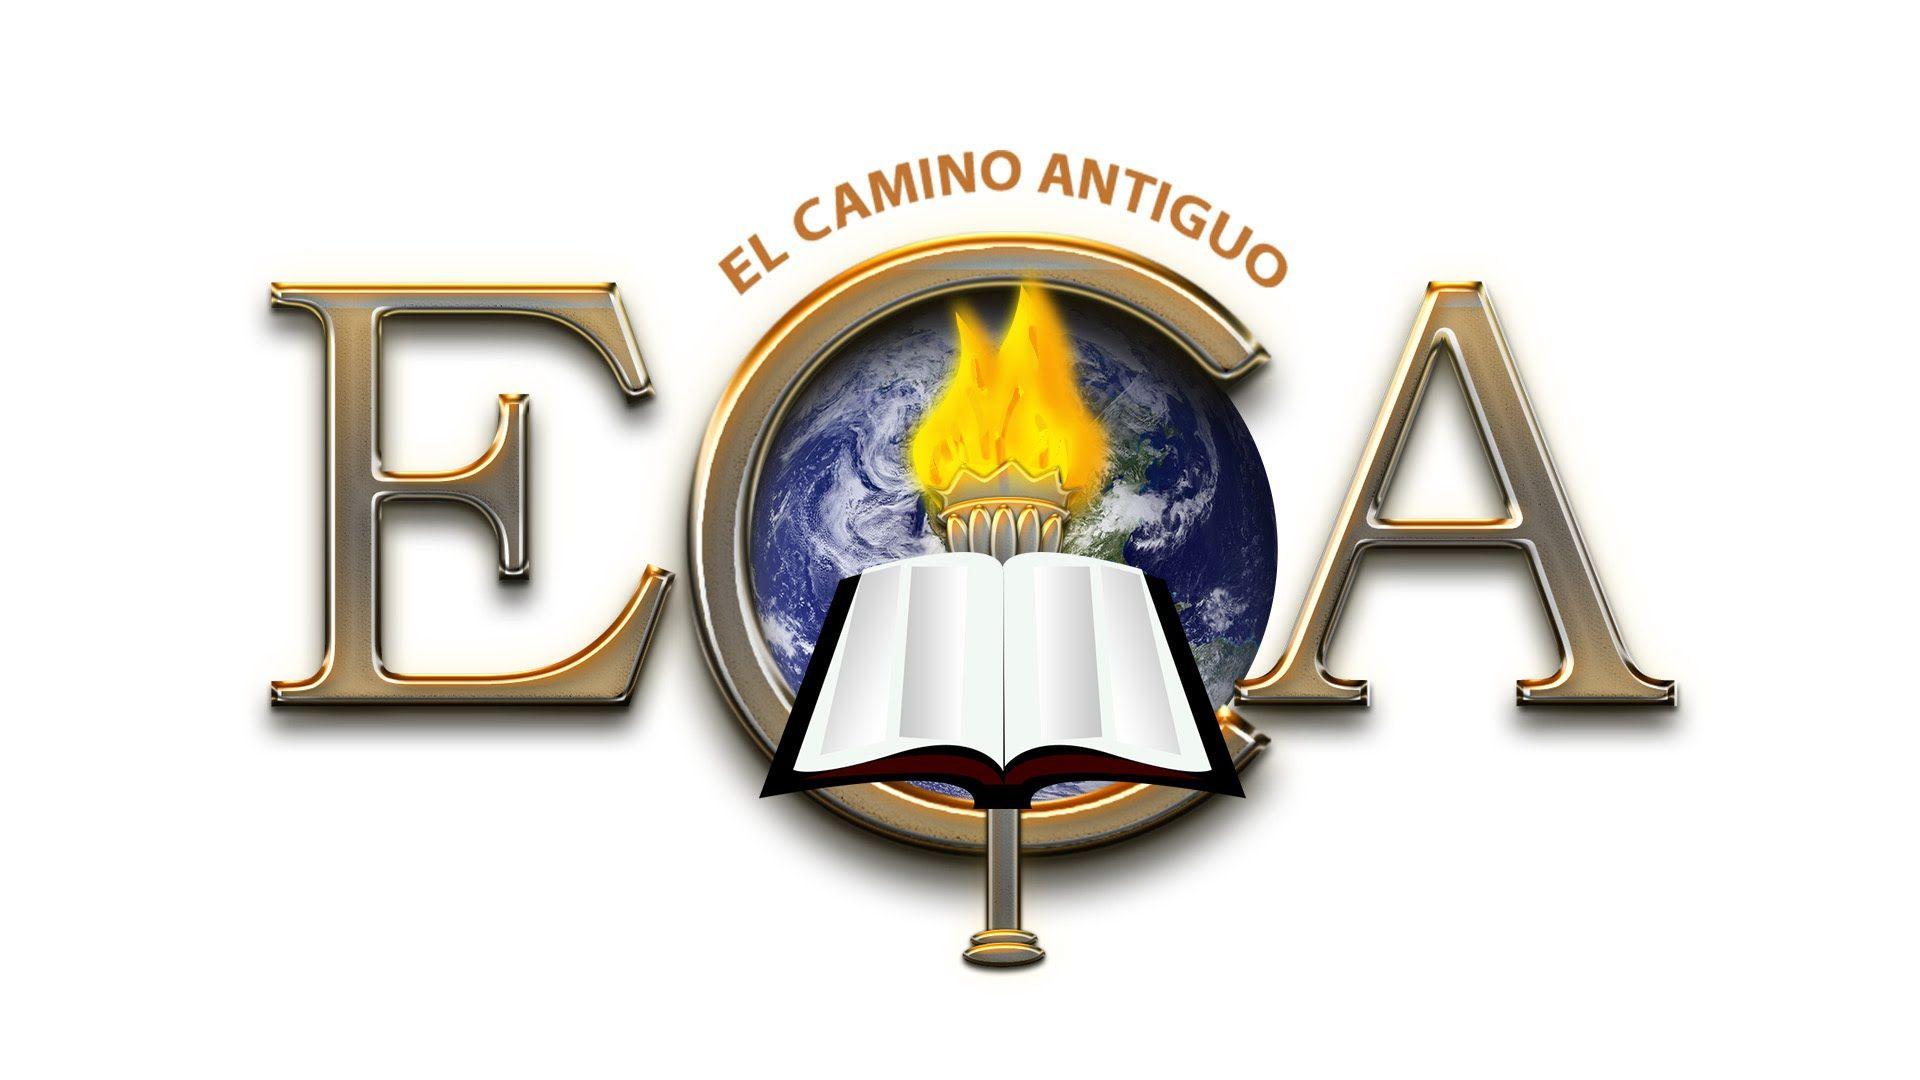 El Camino Antiguo - EN VIVO! (LIVE!) 2015.12.03